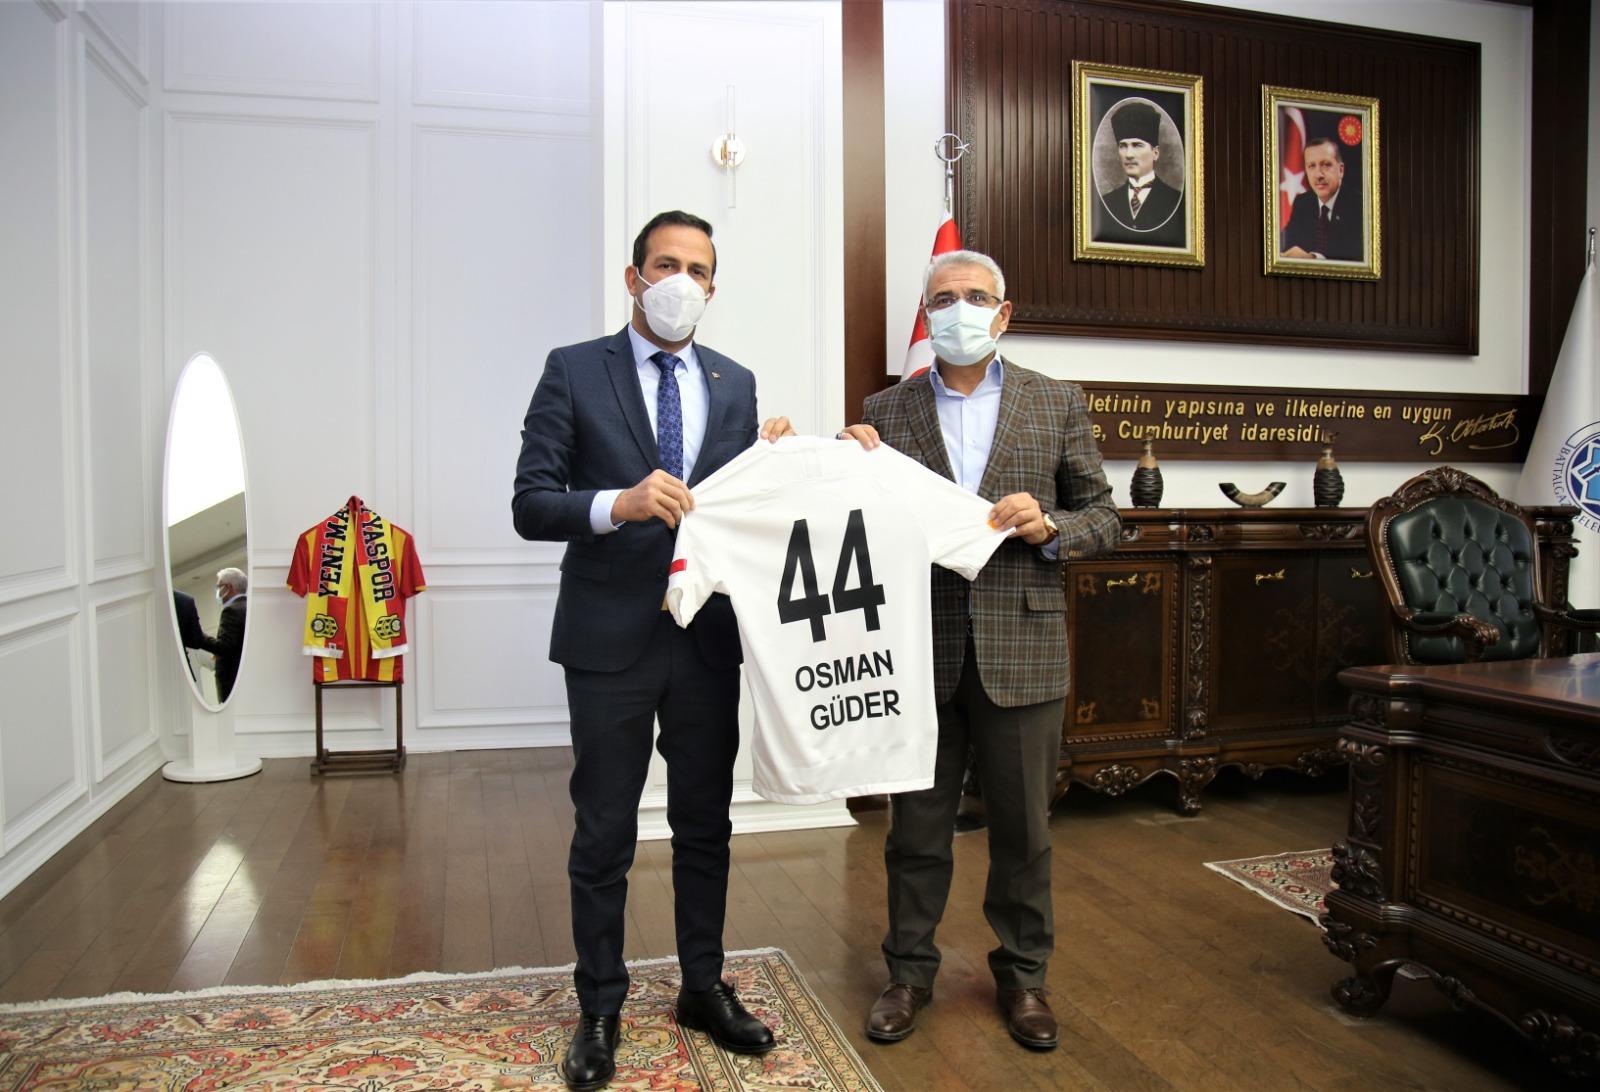 Malatyaspor Yönetimin'den Başkan Güder'e Ziyaret